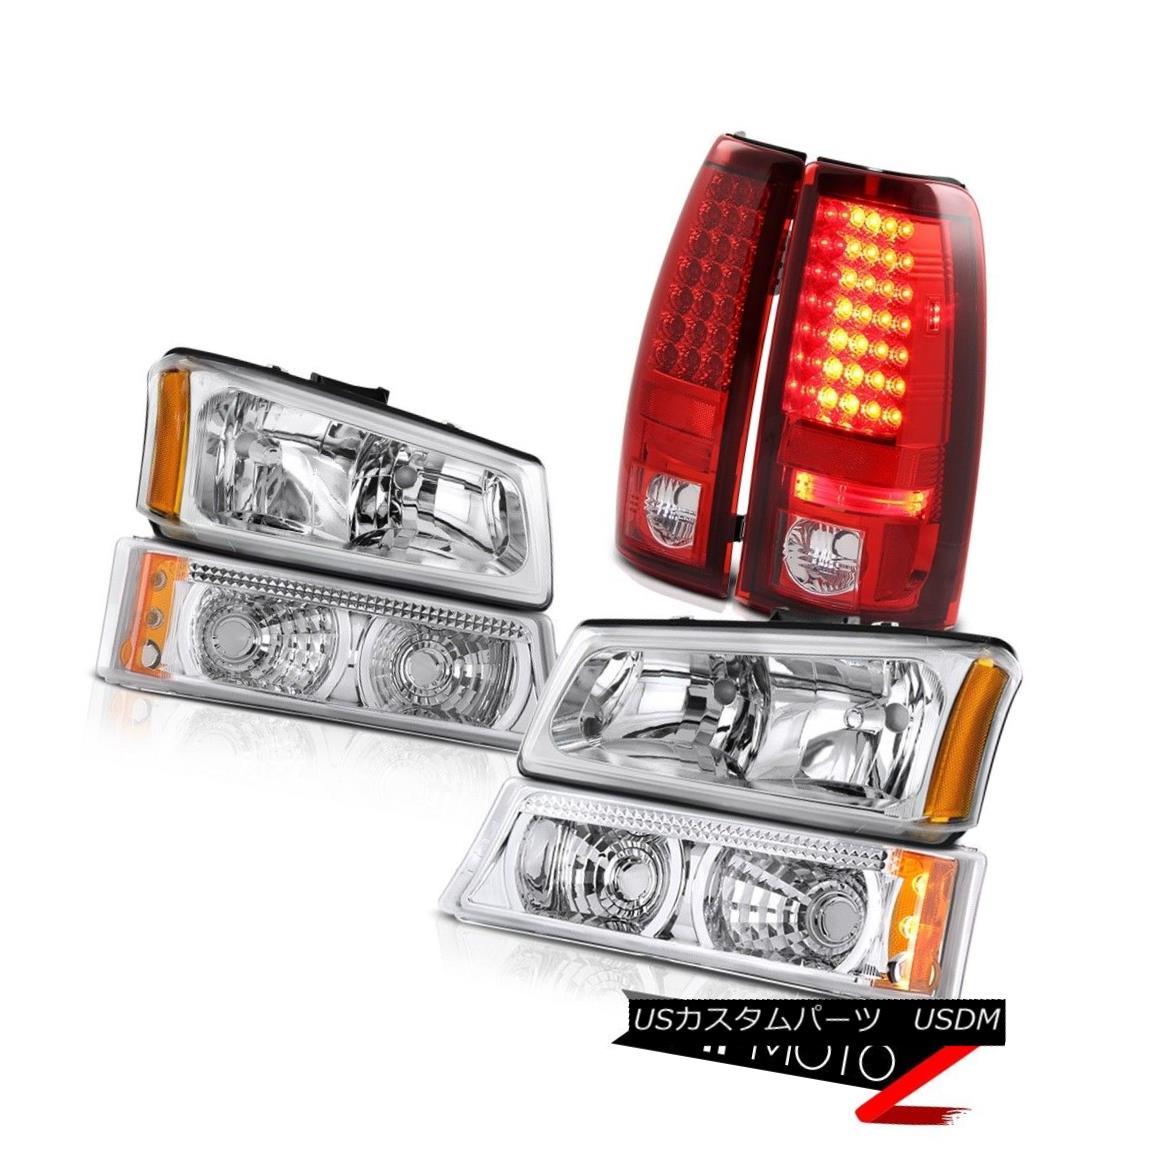 ヘッドライト Chrome Front Headlights Euro Bumper Lamp Brake Taillights 03-06 Silverado 3500HD クロームフロントヘッドライトユーロバンパーランプブレーキテールライト03-06シルバラード3500HD